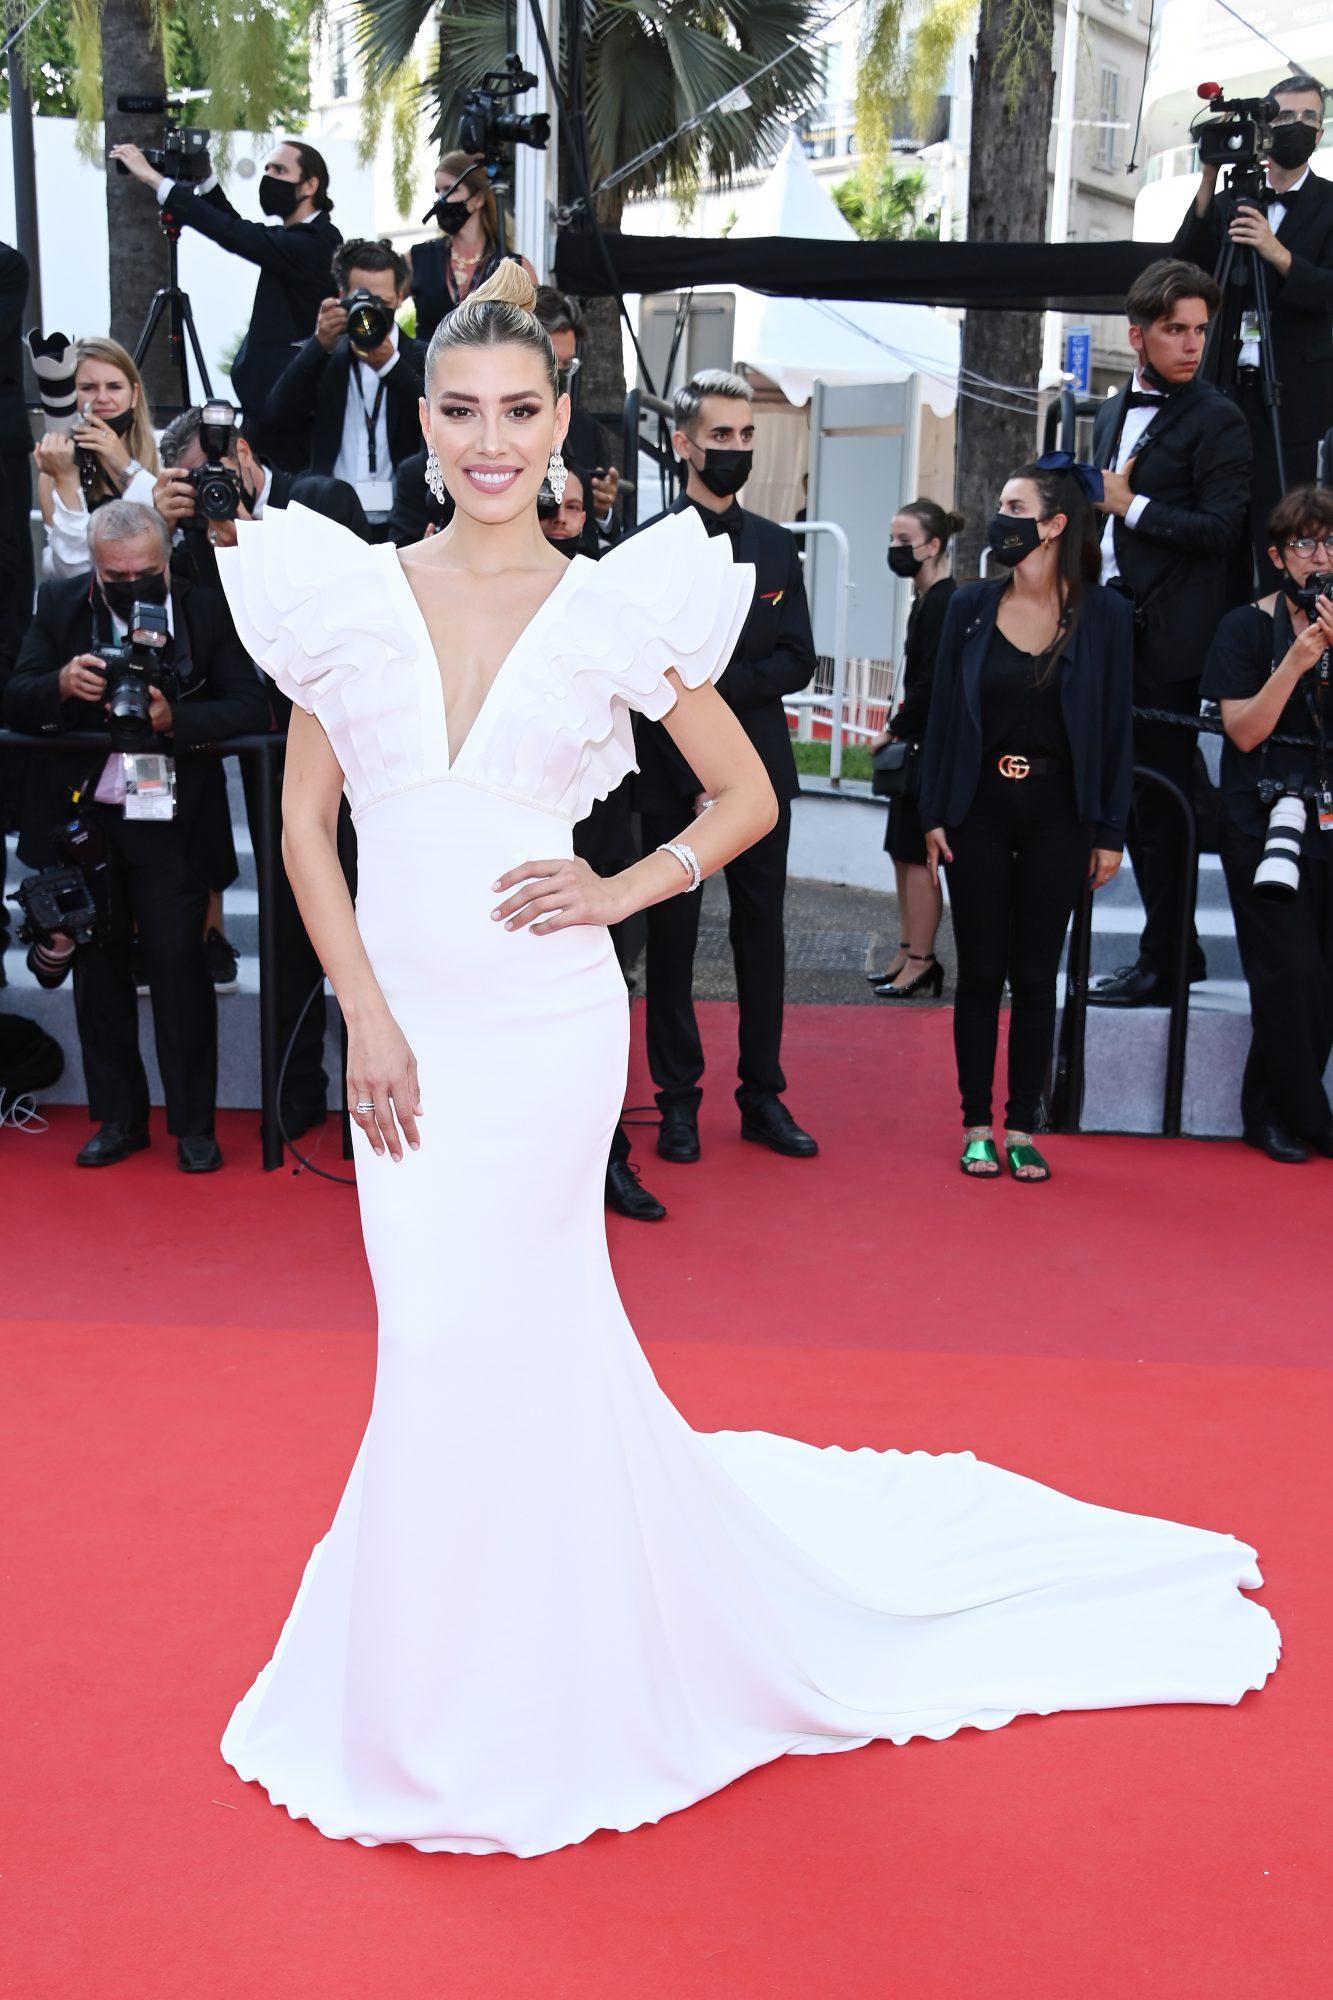 Michelle Salas en Cannes, vestido blanco